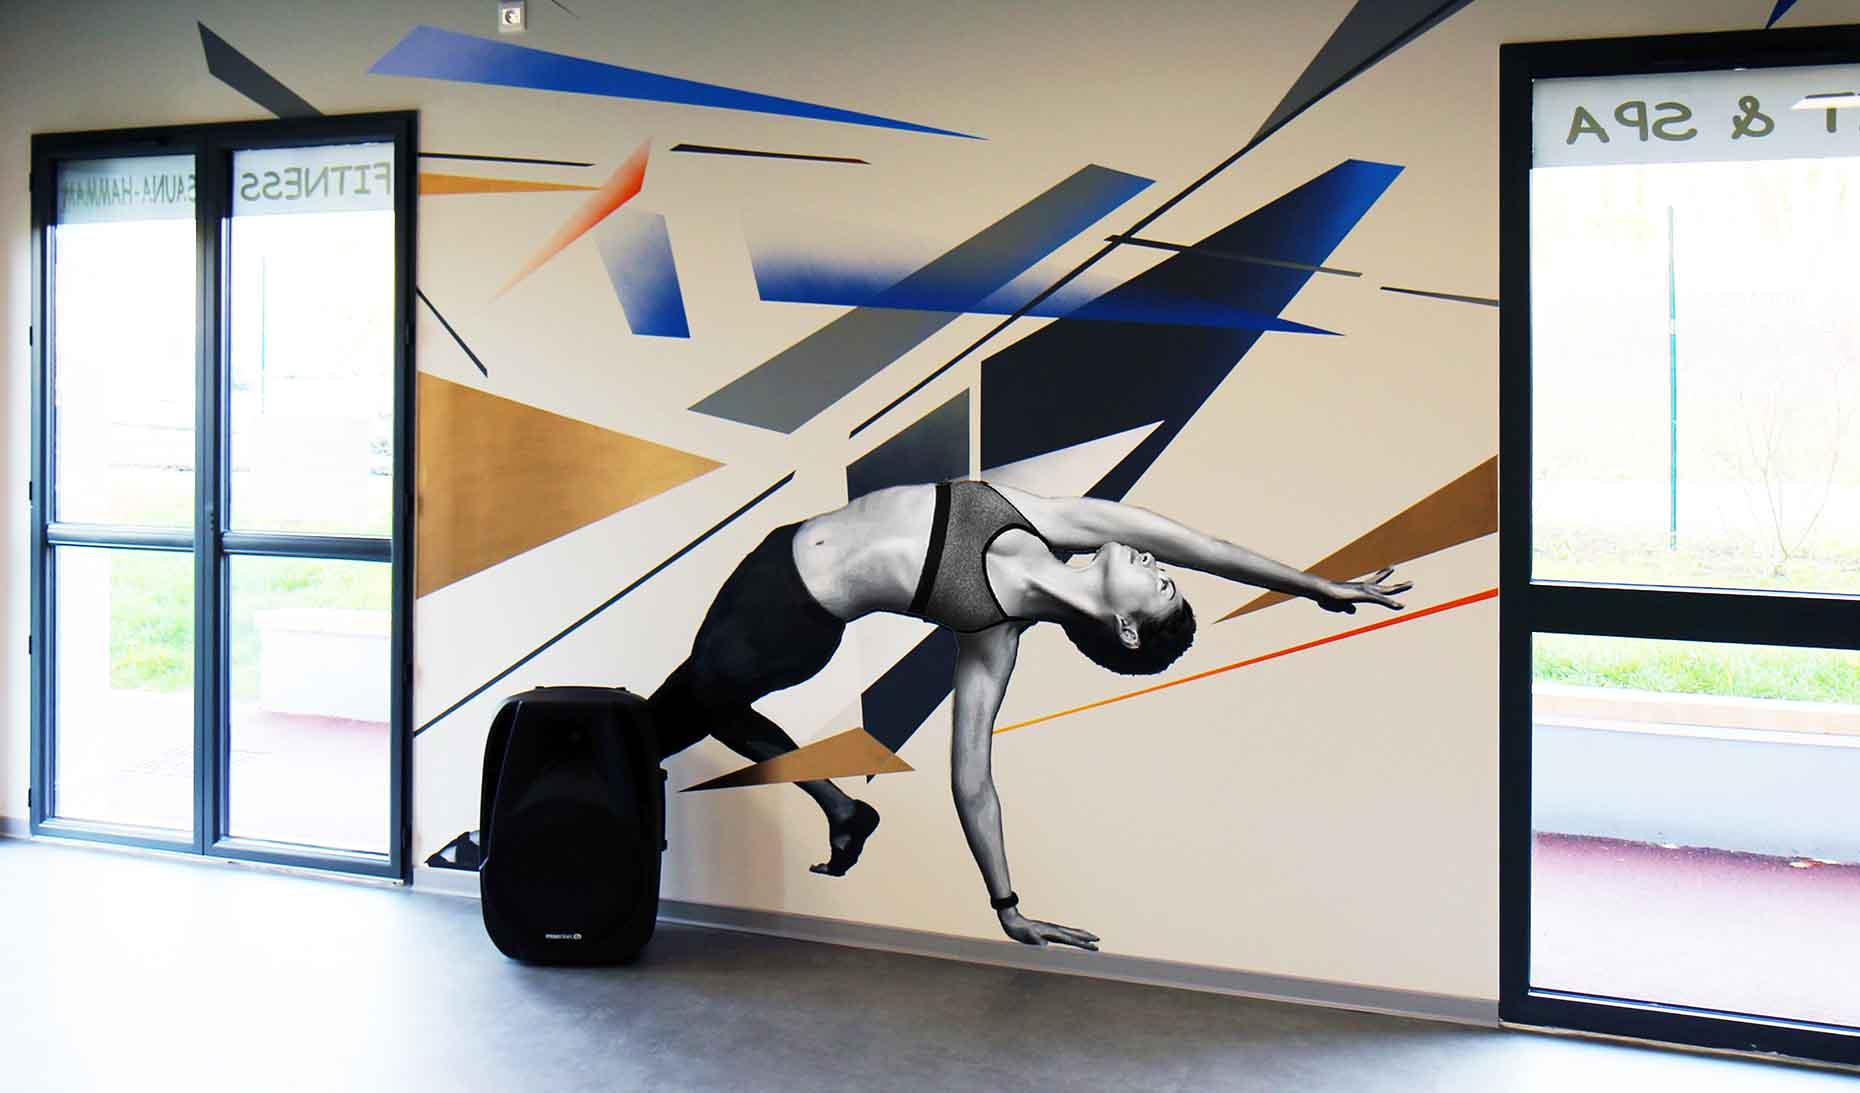 portraits d'une gymnaste et décorations colorées réalisés par frédéric michel-langlet dans la salle de sport fit & spa de la chapelle en serval